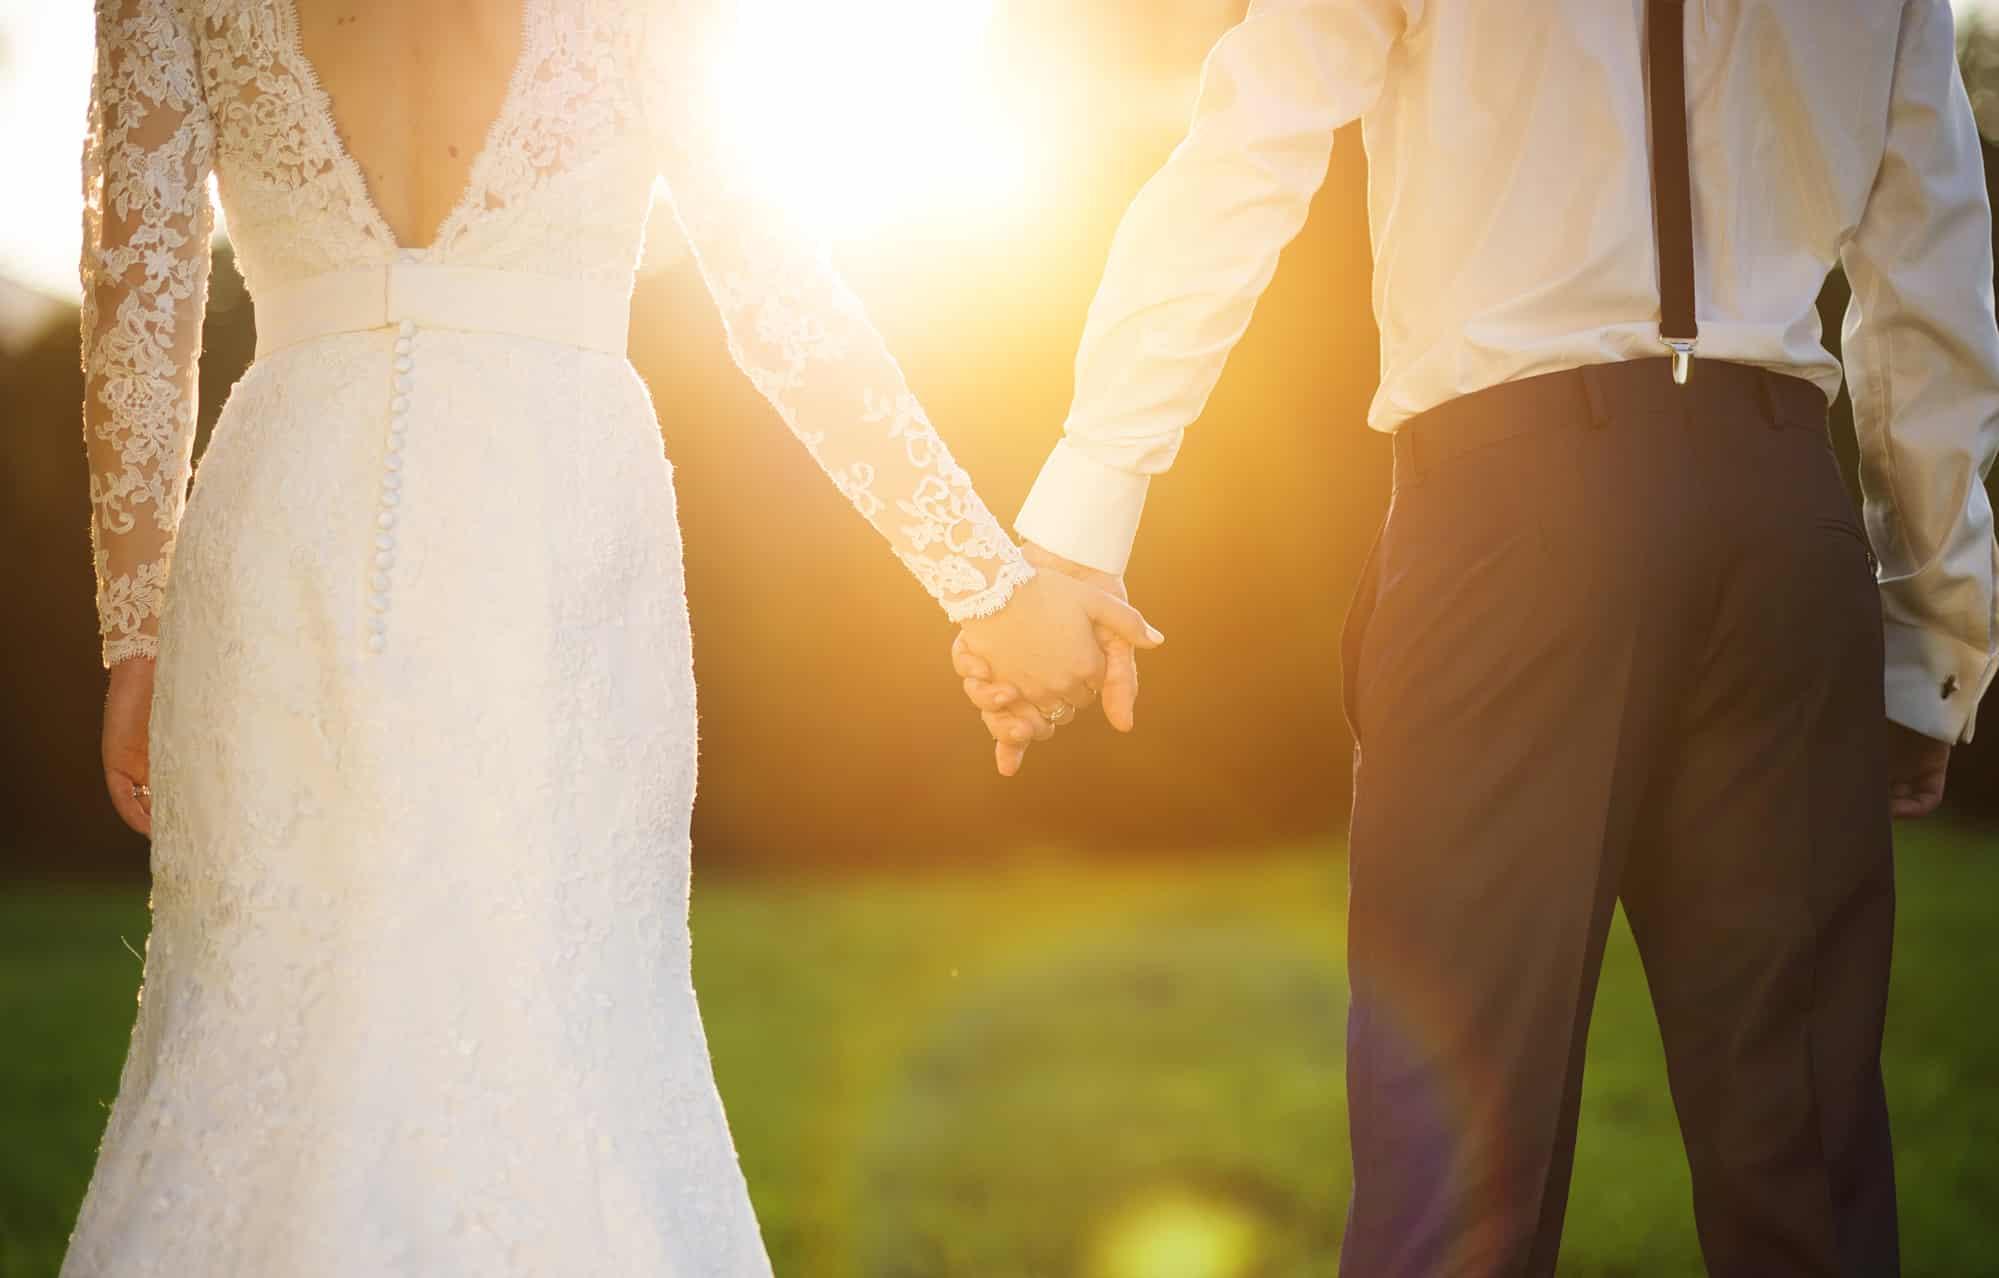 Briefumschlag Geldumschlag Hochzeit Verlobung Trauung Geschenkumschlag